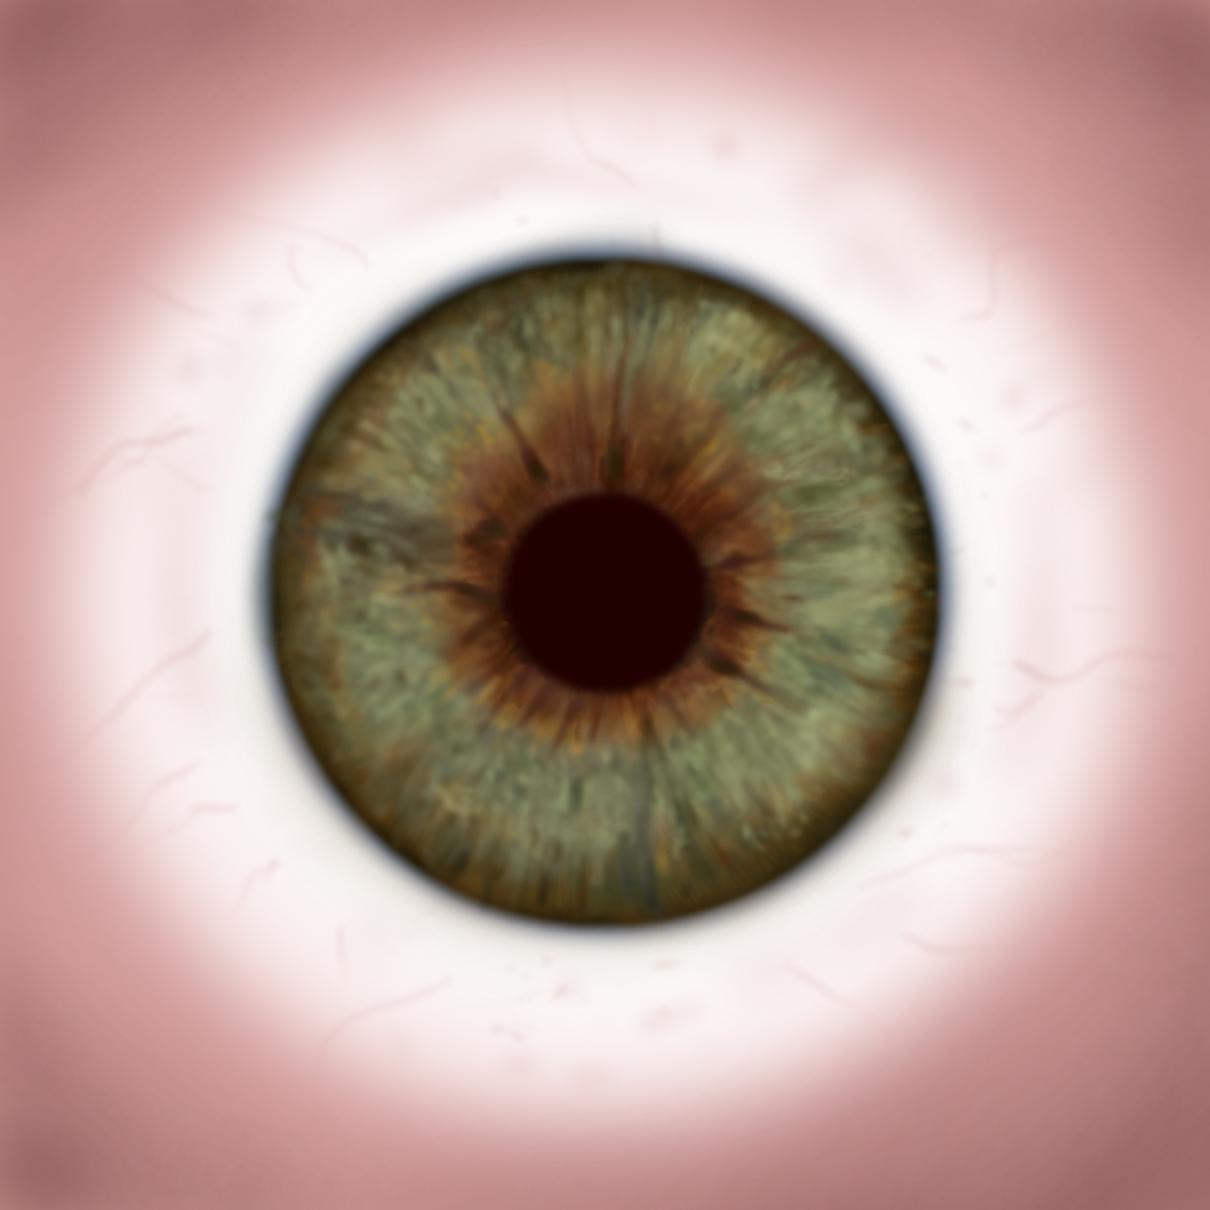 游戏资讯_CG眼球贴图-CG模型网(cgmodel)-让设计更有价值!